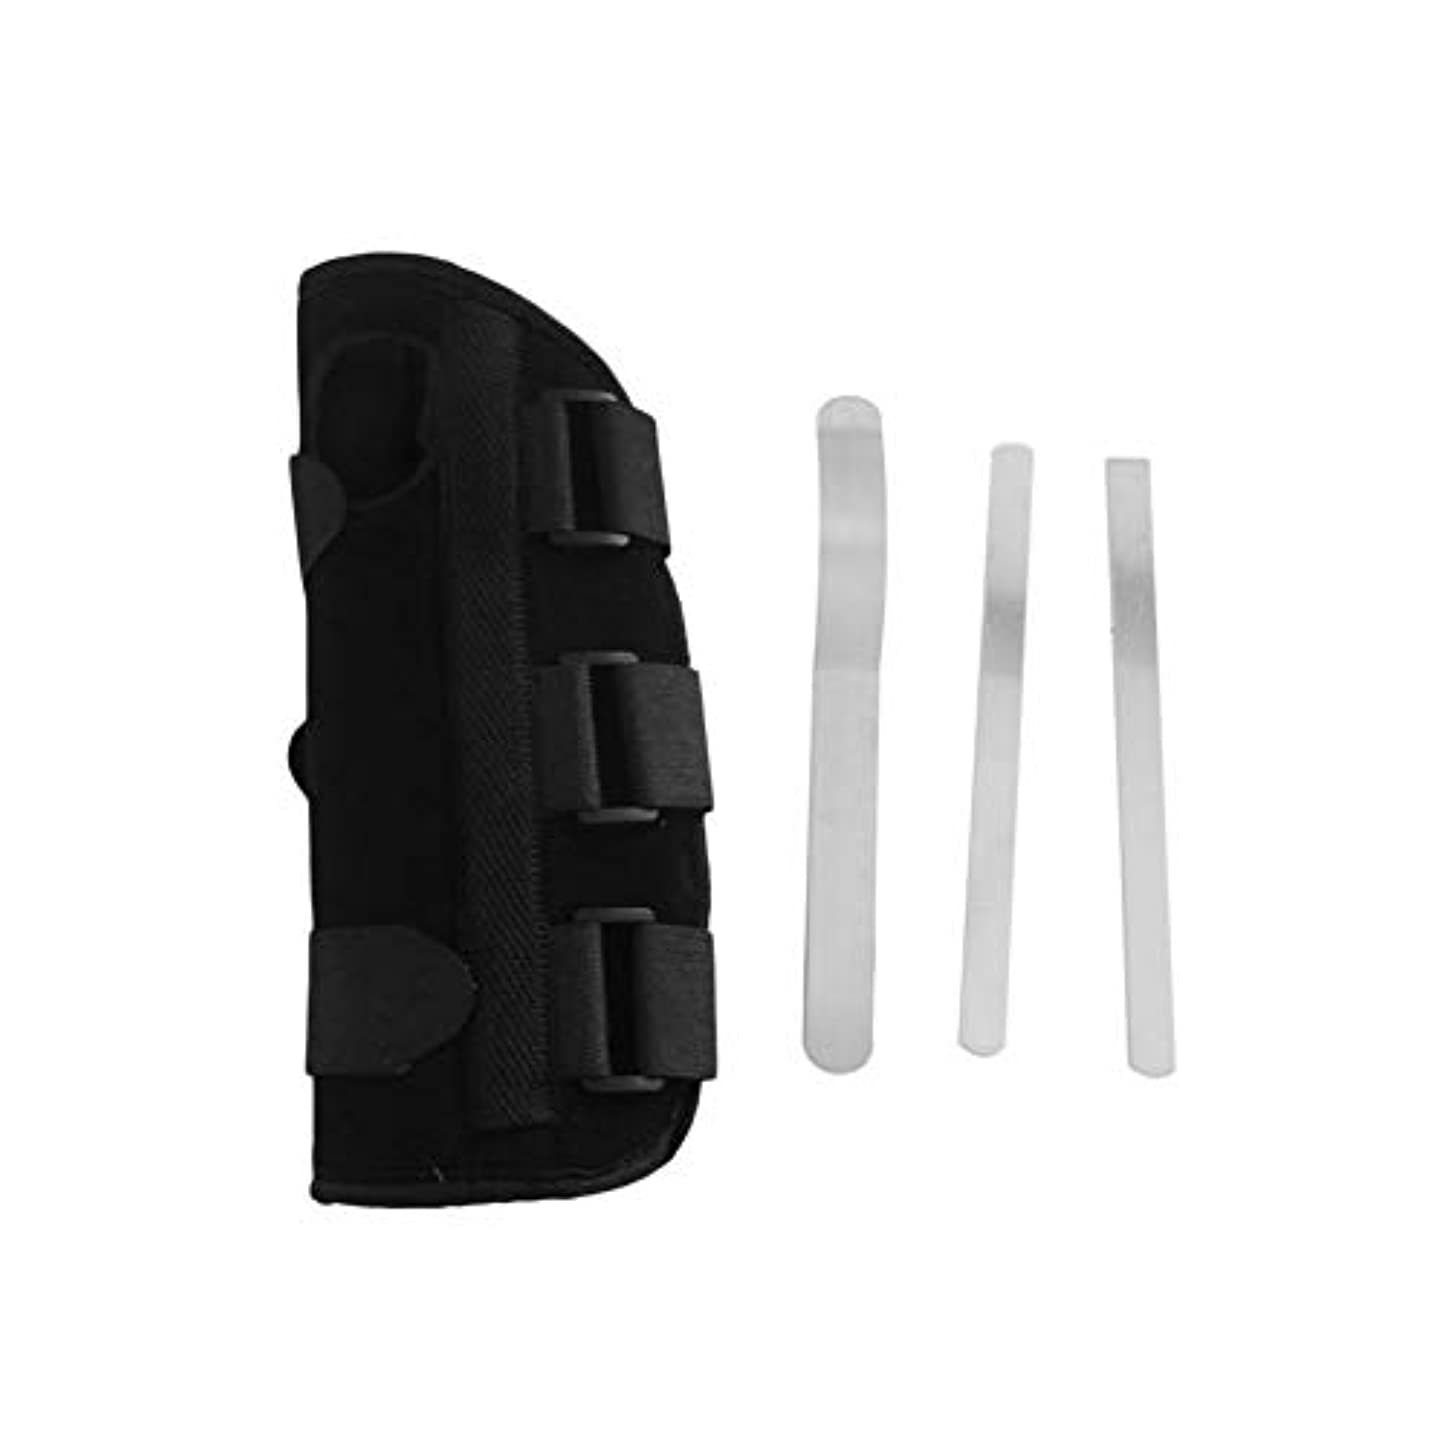 やろうレスリングスペイン手首副木ブレース保護サポートストラップカルペルトンネルCTS RSI痛み軽減取り外し可能な副木快適な軽量ストラップ - ブラックS